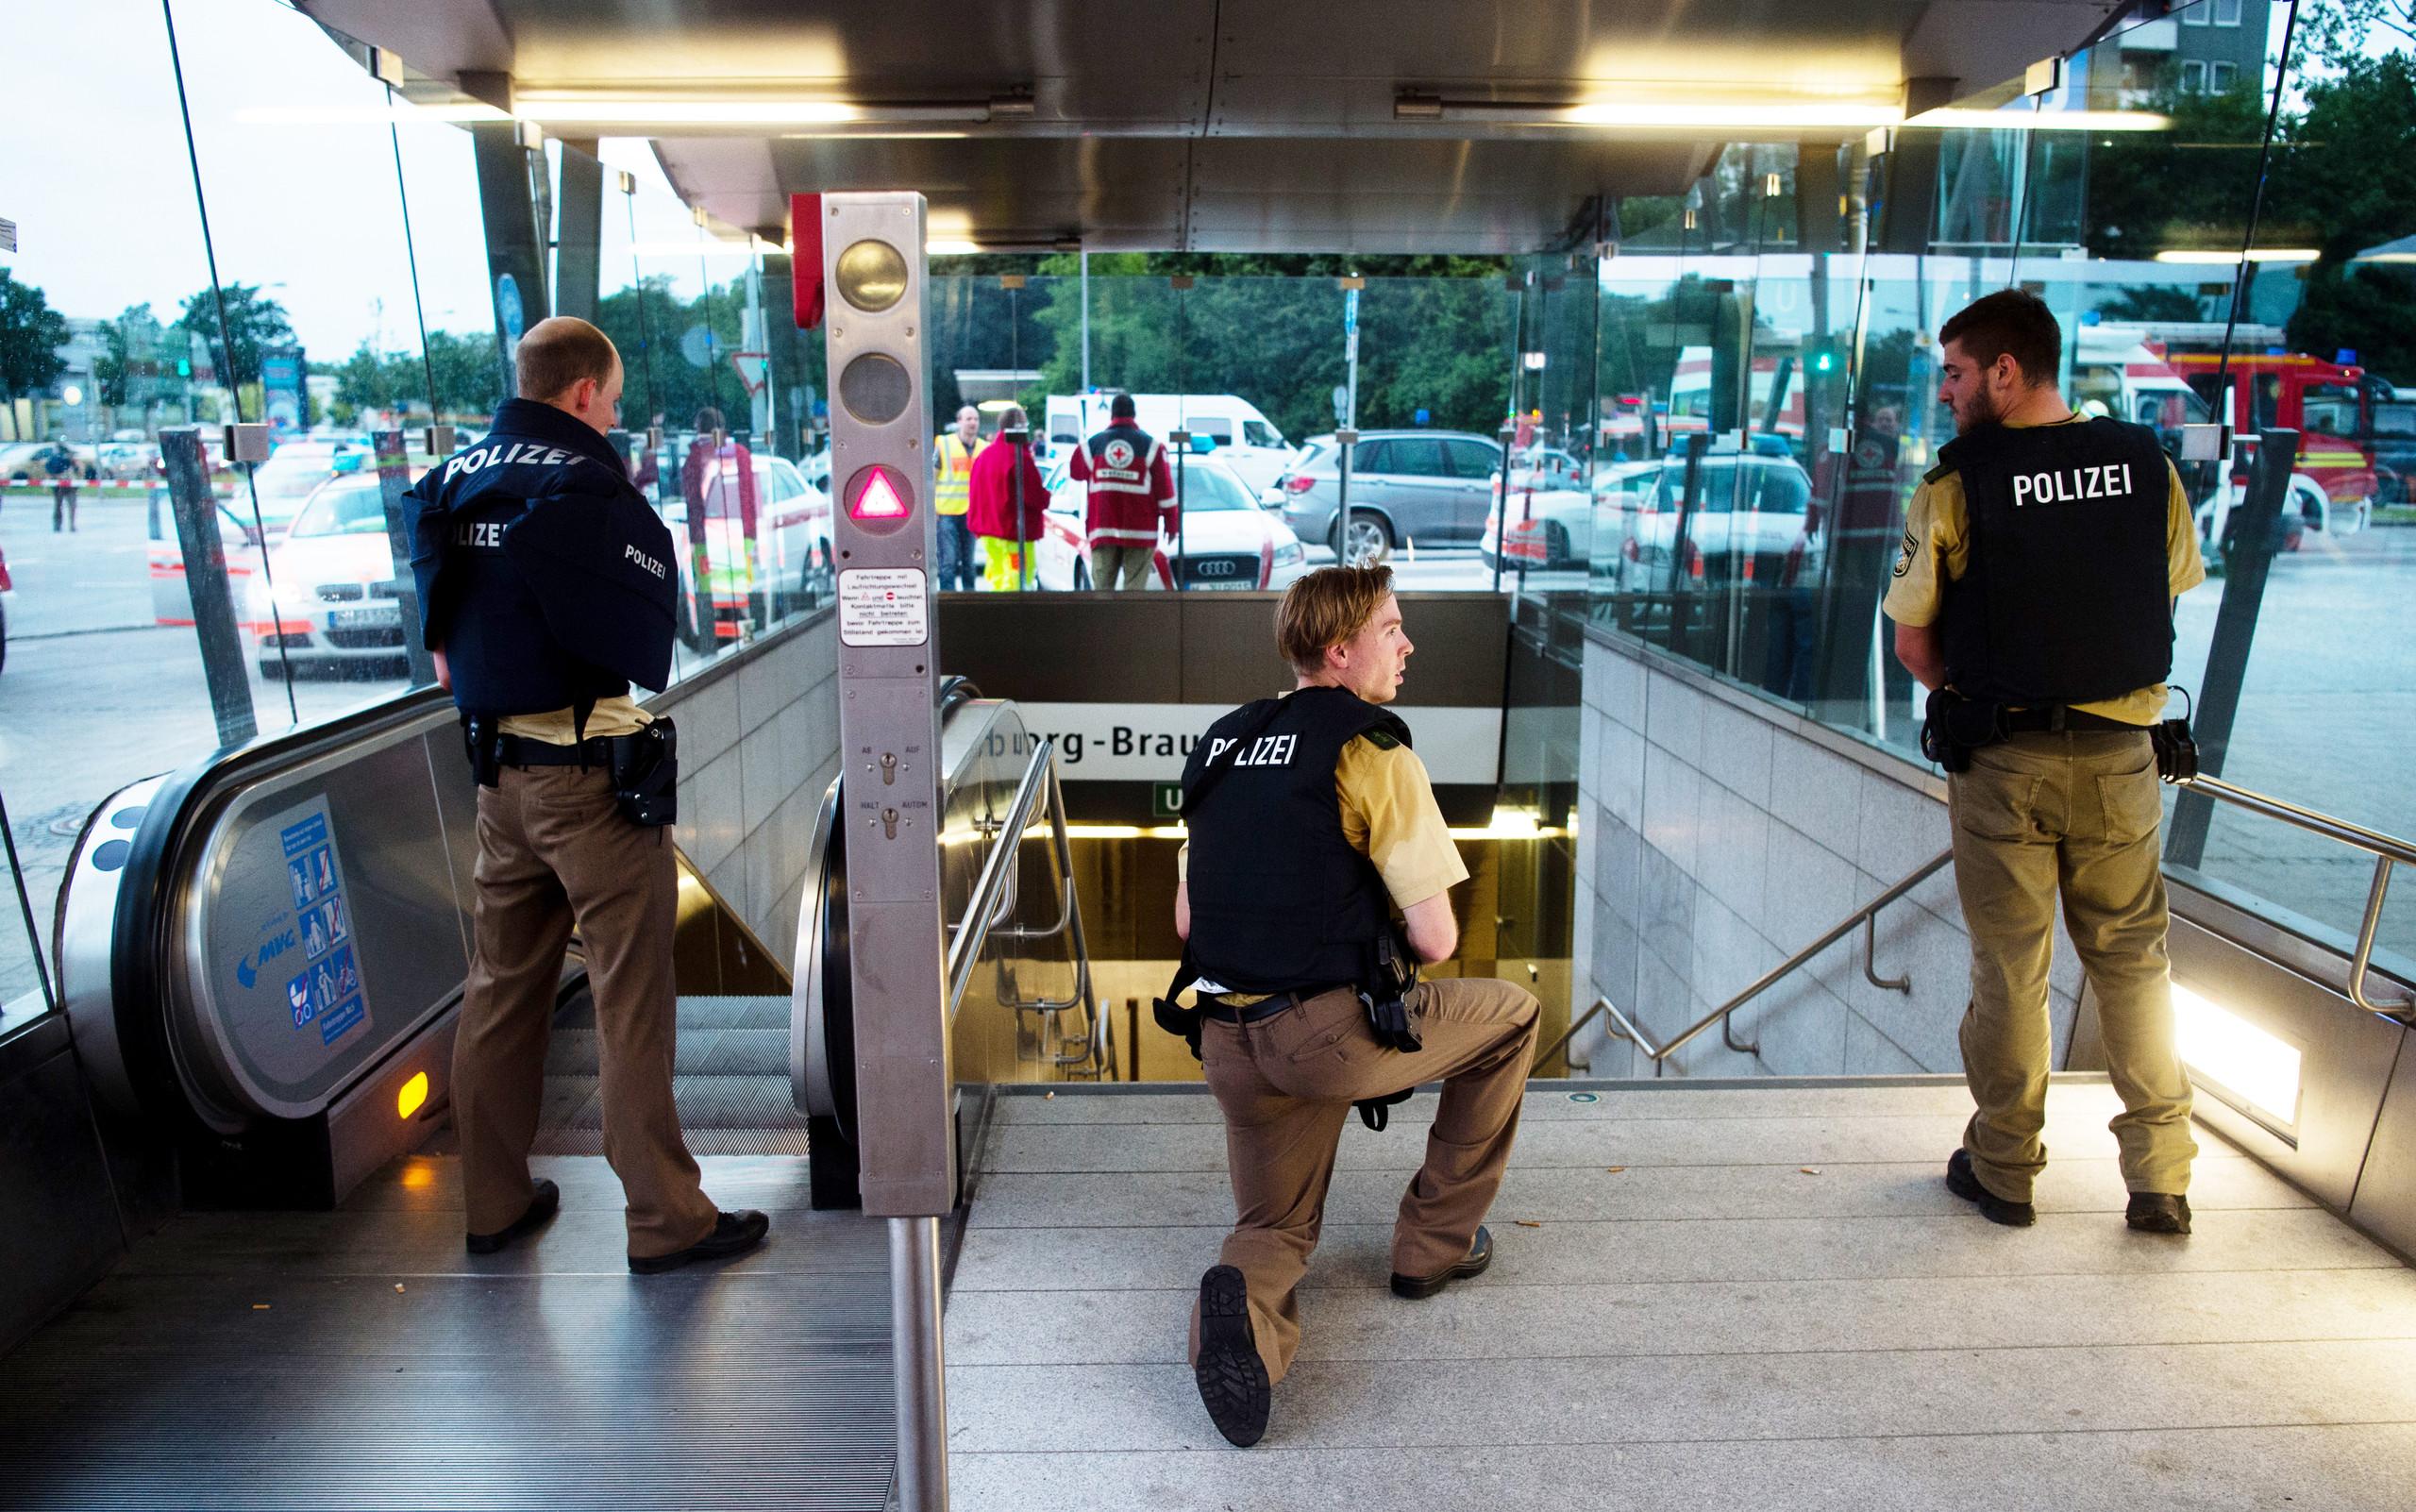 صورة عشرة قتلى وجرحى  في هجوم إرهابي بميونيخ الألمانية و المهاجم شاب ألماني من أصل إيراني